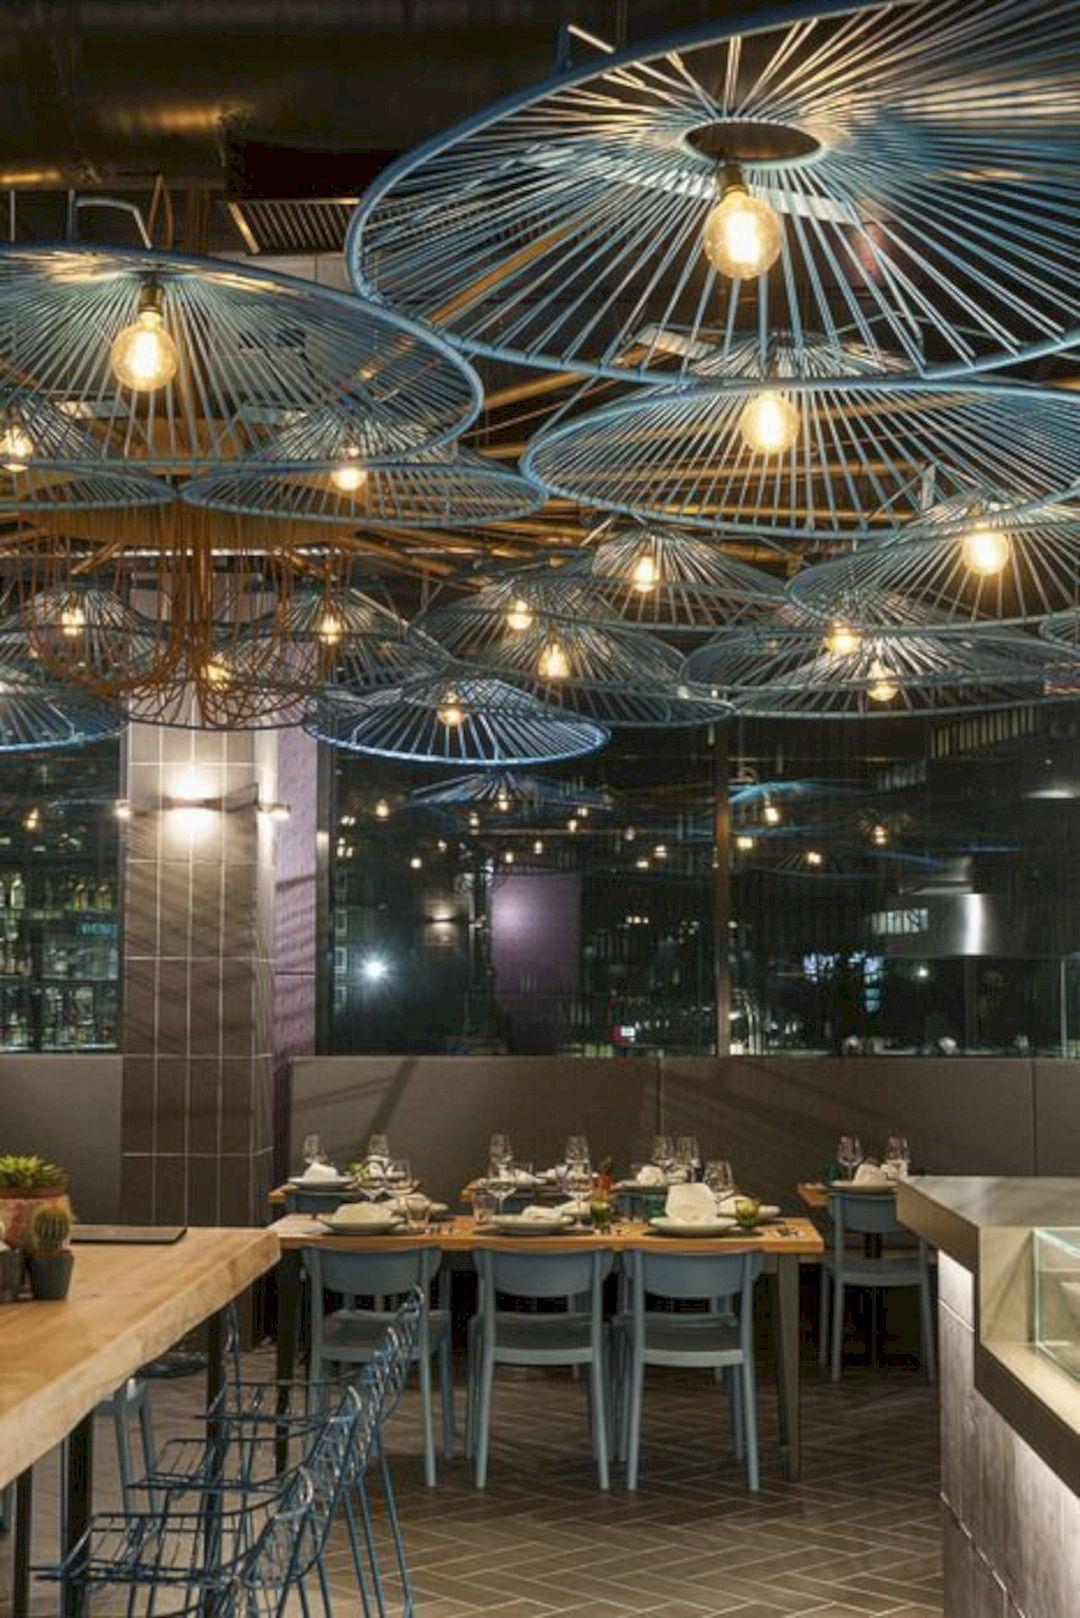 15 Amazing Bar Interior Design Ideas Restaurant Restaurant